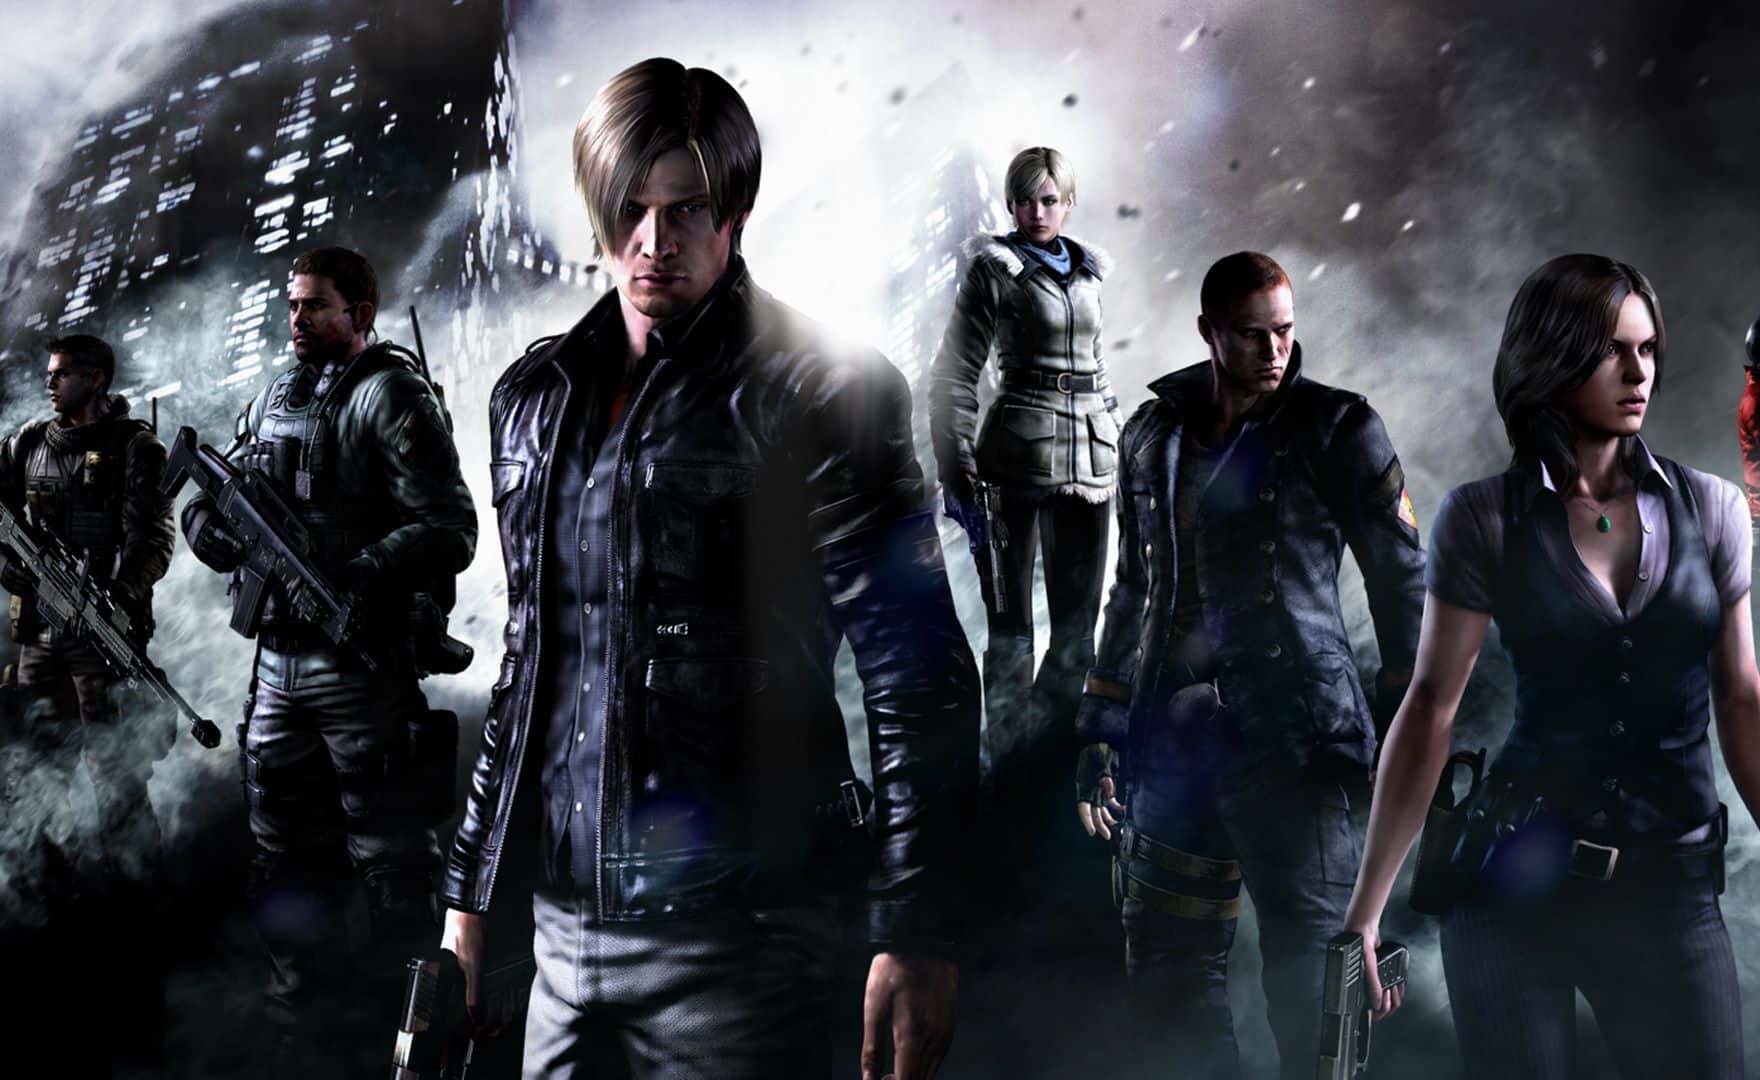 La serie Resident Evil ha venduto 91 milioni di copie nel mondo